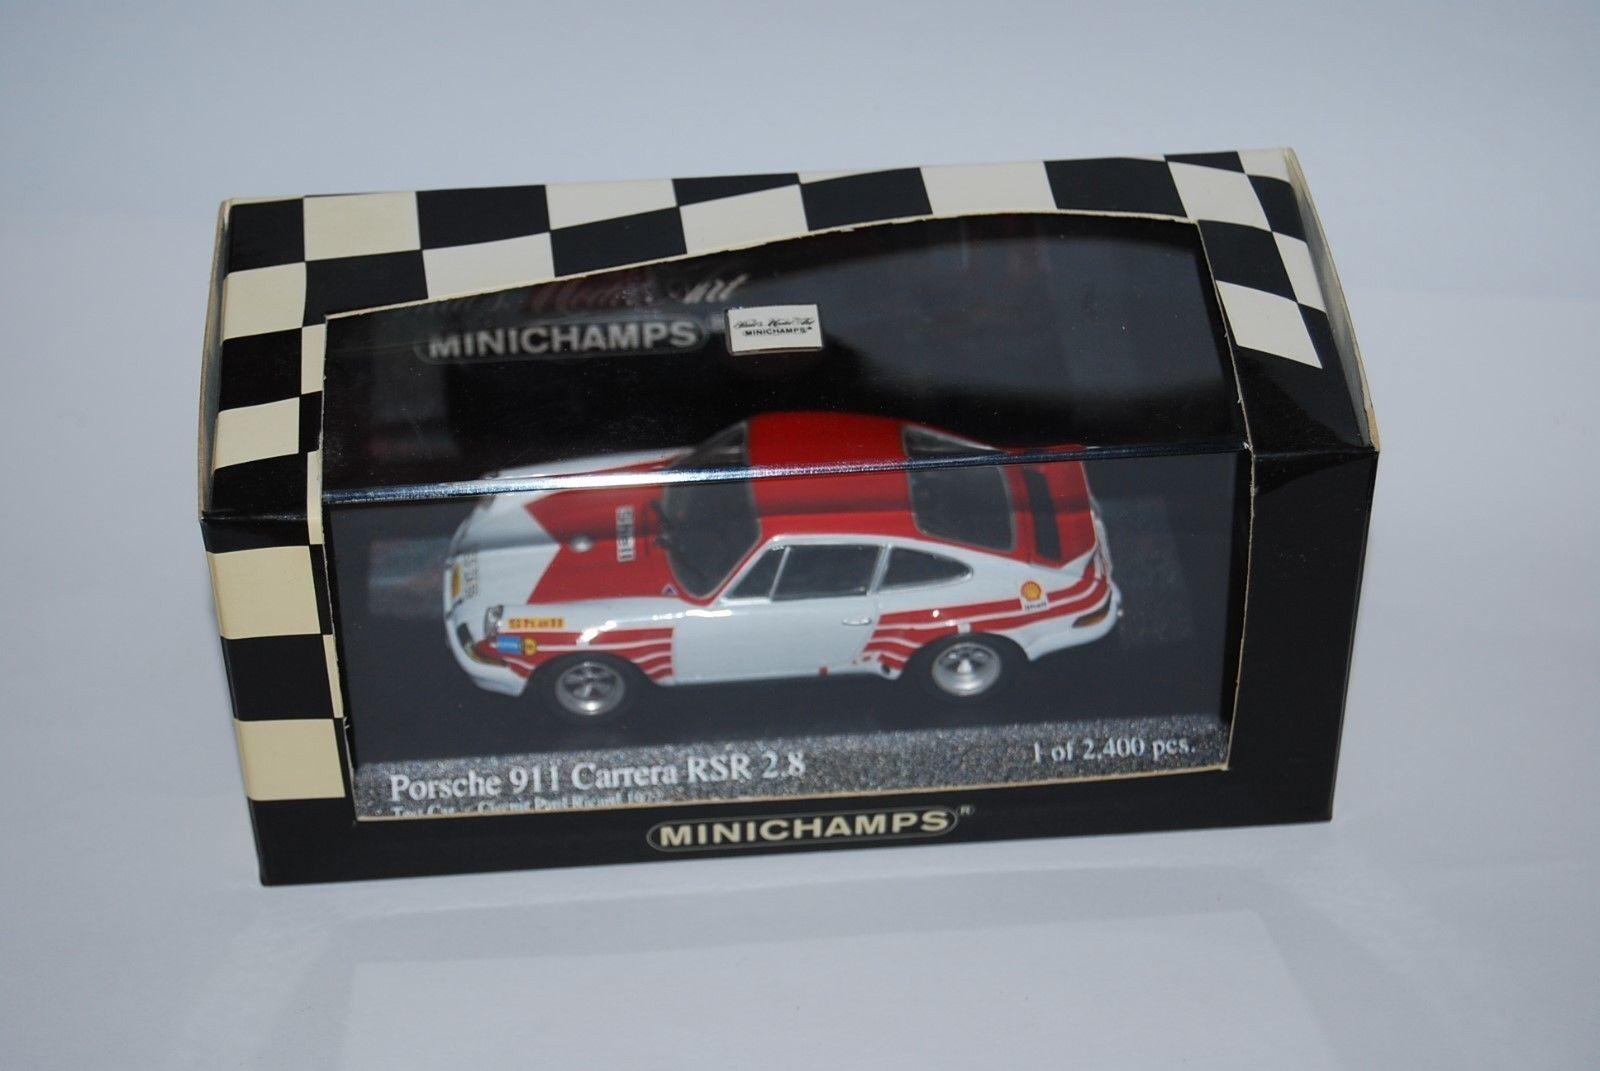 MINICHAMPS PORSCHE 911 RSR 2.8 PAUL RICARD 72 430726990 NEUF BOITE NEW BOX 1 43